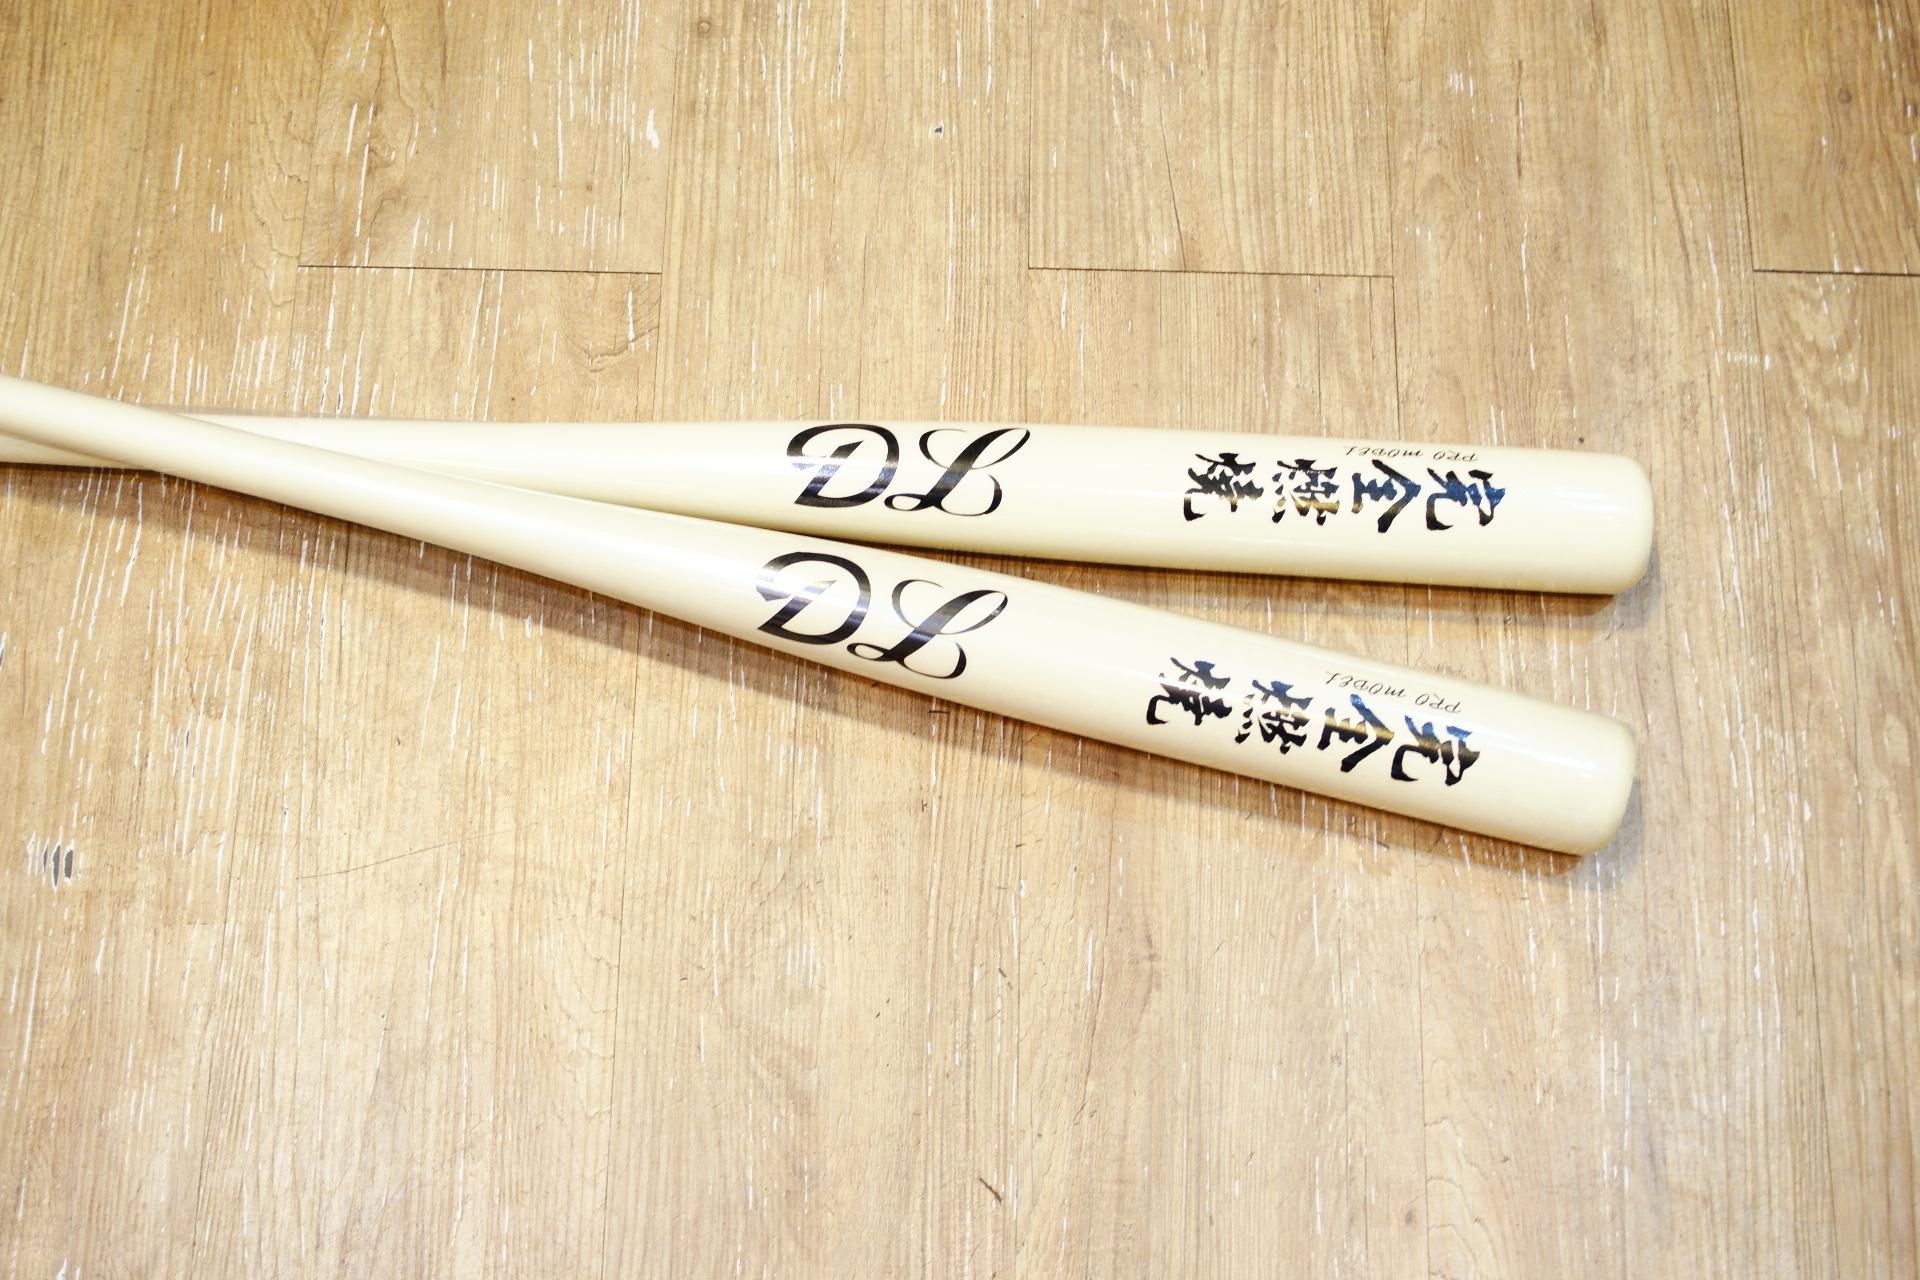 棒球世界 DL全新楓木壘球棒 完全燃燒 全新上市 特價